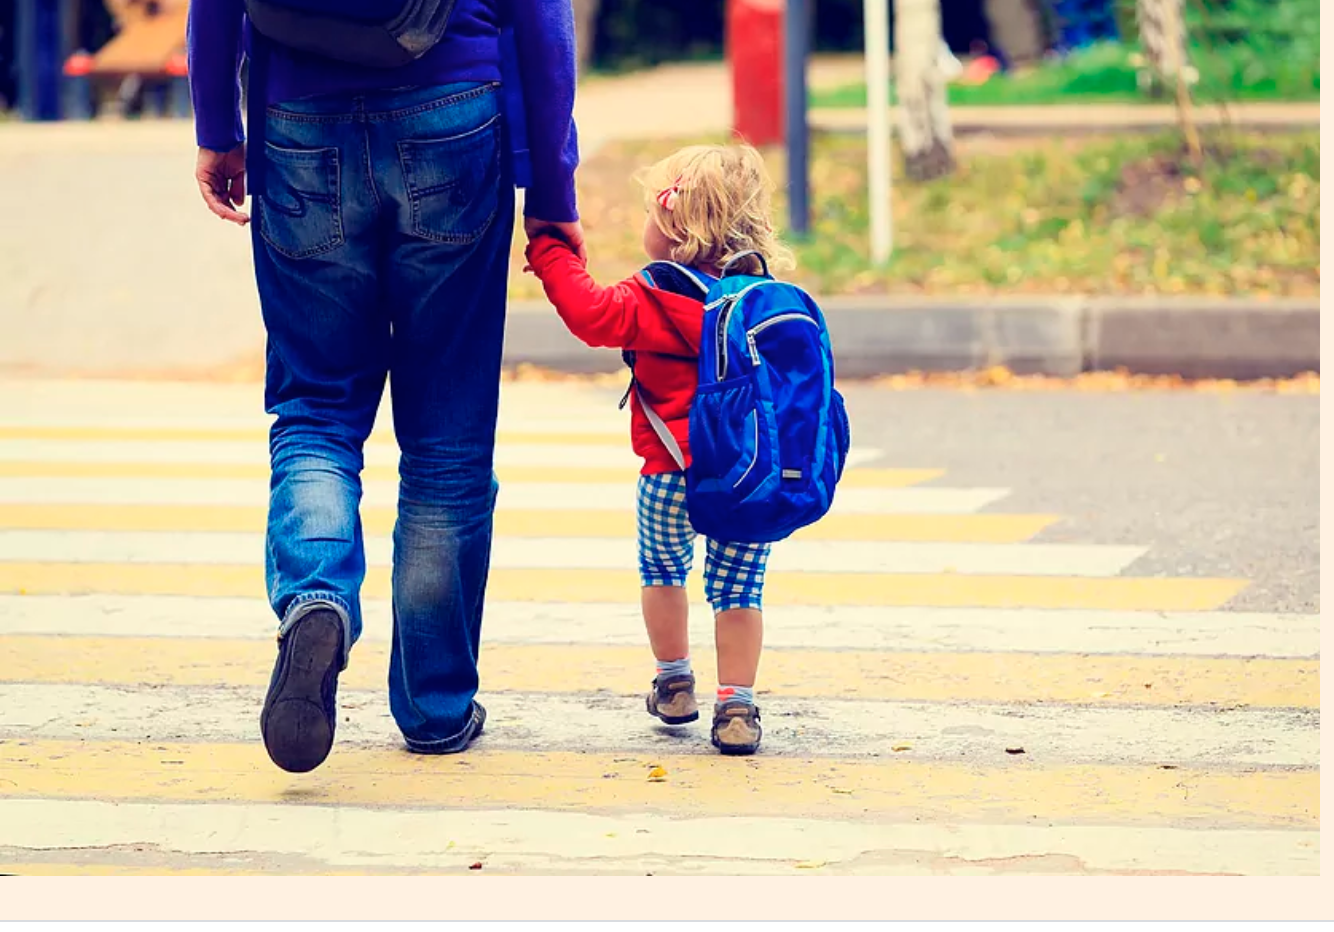 ESPAÑA- Otorgan Prestación de Maternidad al padre de una niña por gestación subrogada.